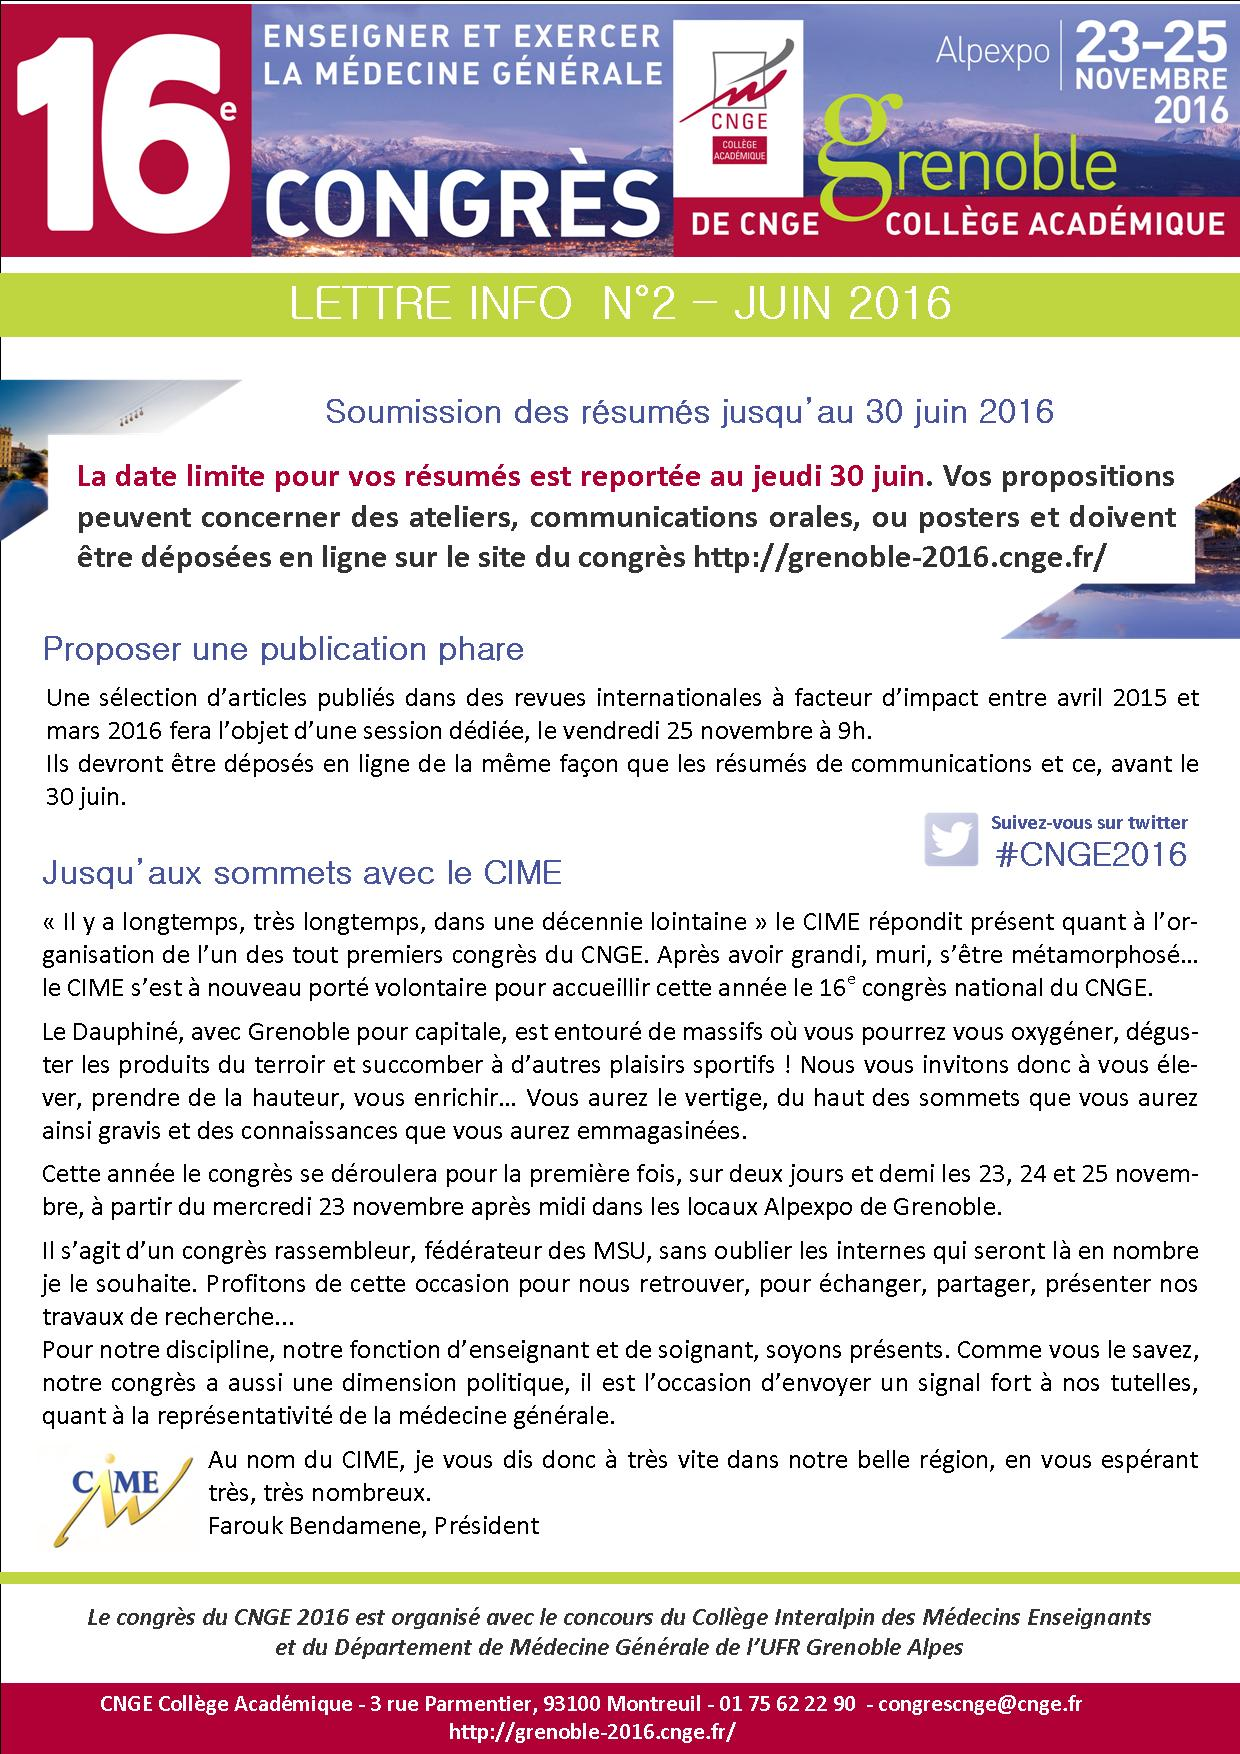 Lettre d'info congrès N°2 - Juin 2016